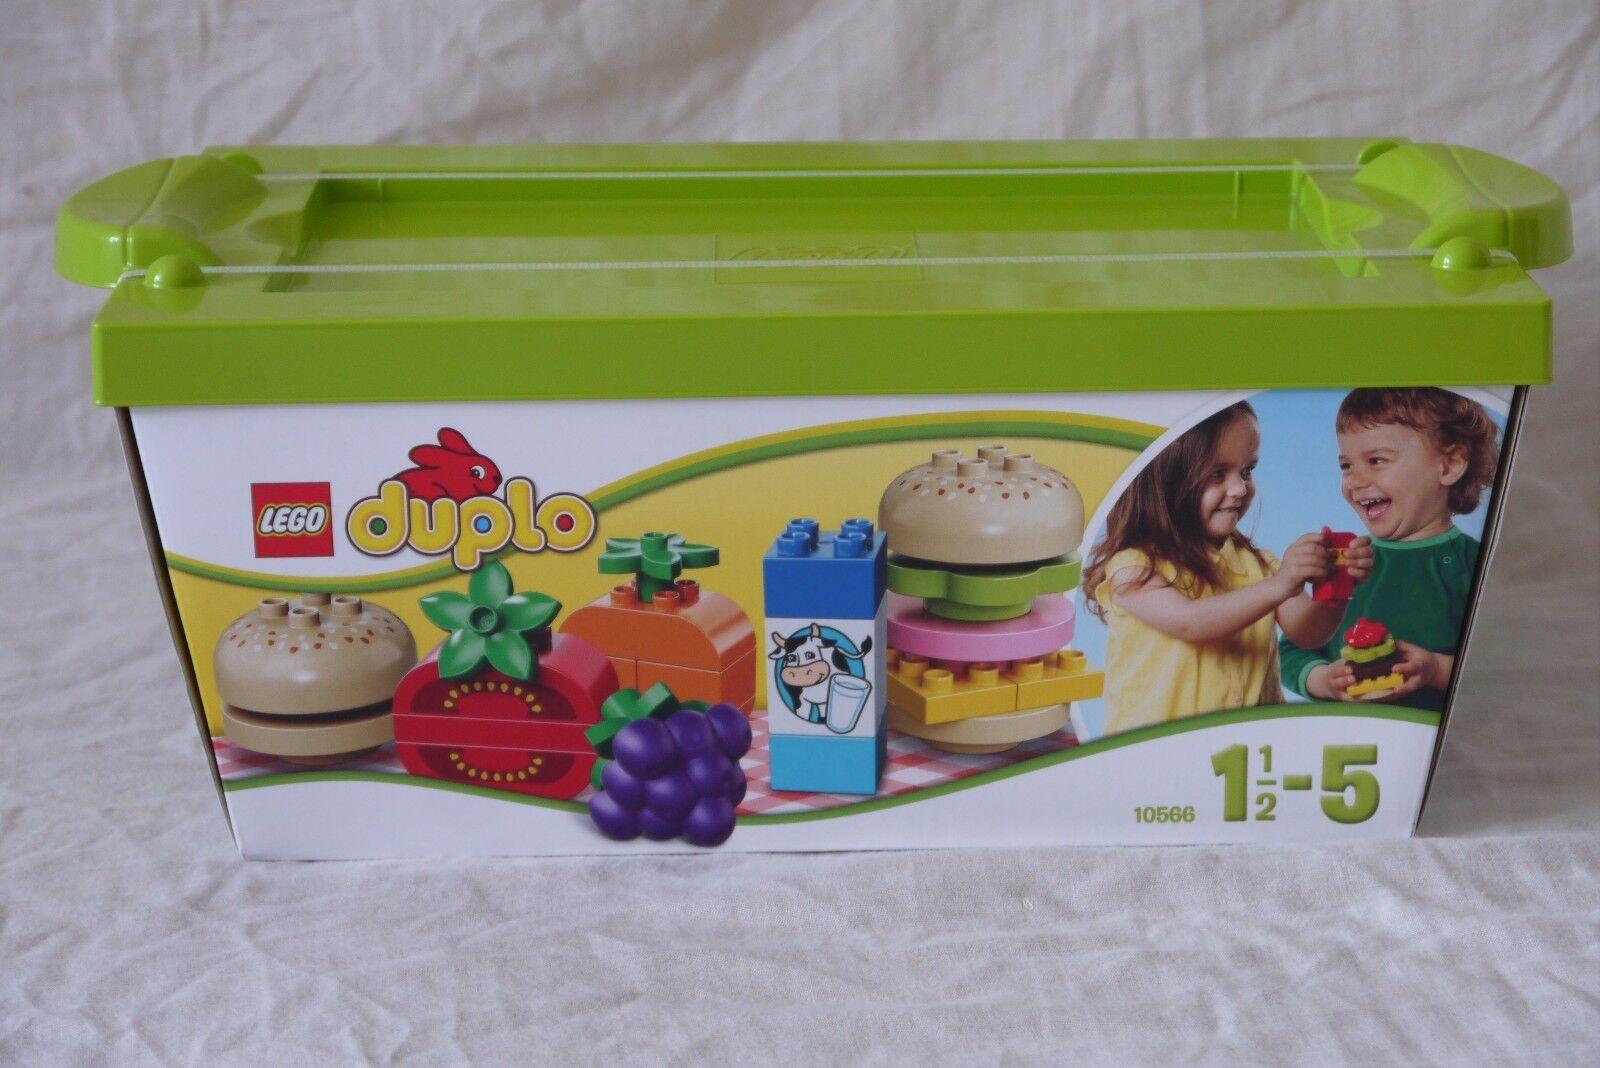 in vendita scontato del 70% 3 x 10566 LEGO Duplo Creative Pic-Nic-Nuovo Pic-Nic-Nuovo Pic-Nic-Nuovo  fabbrica diretta